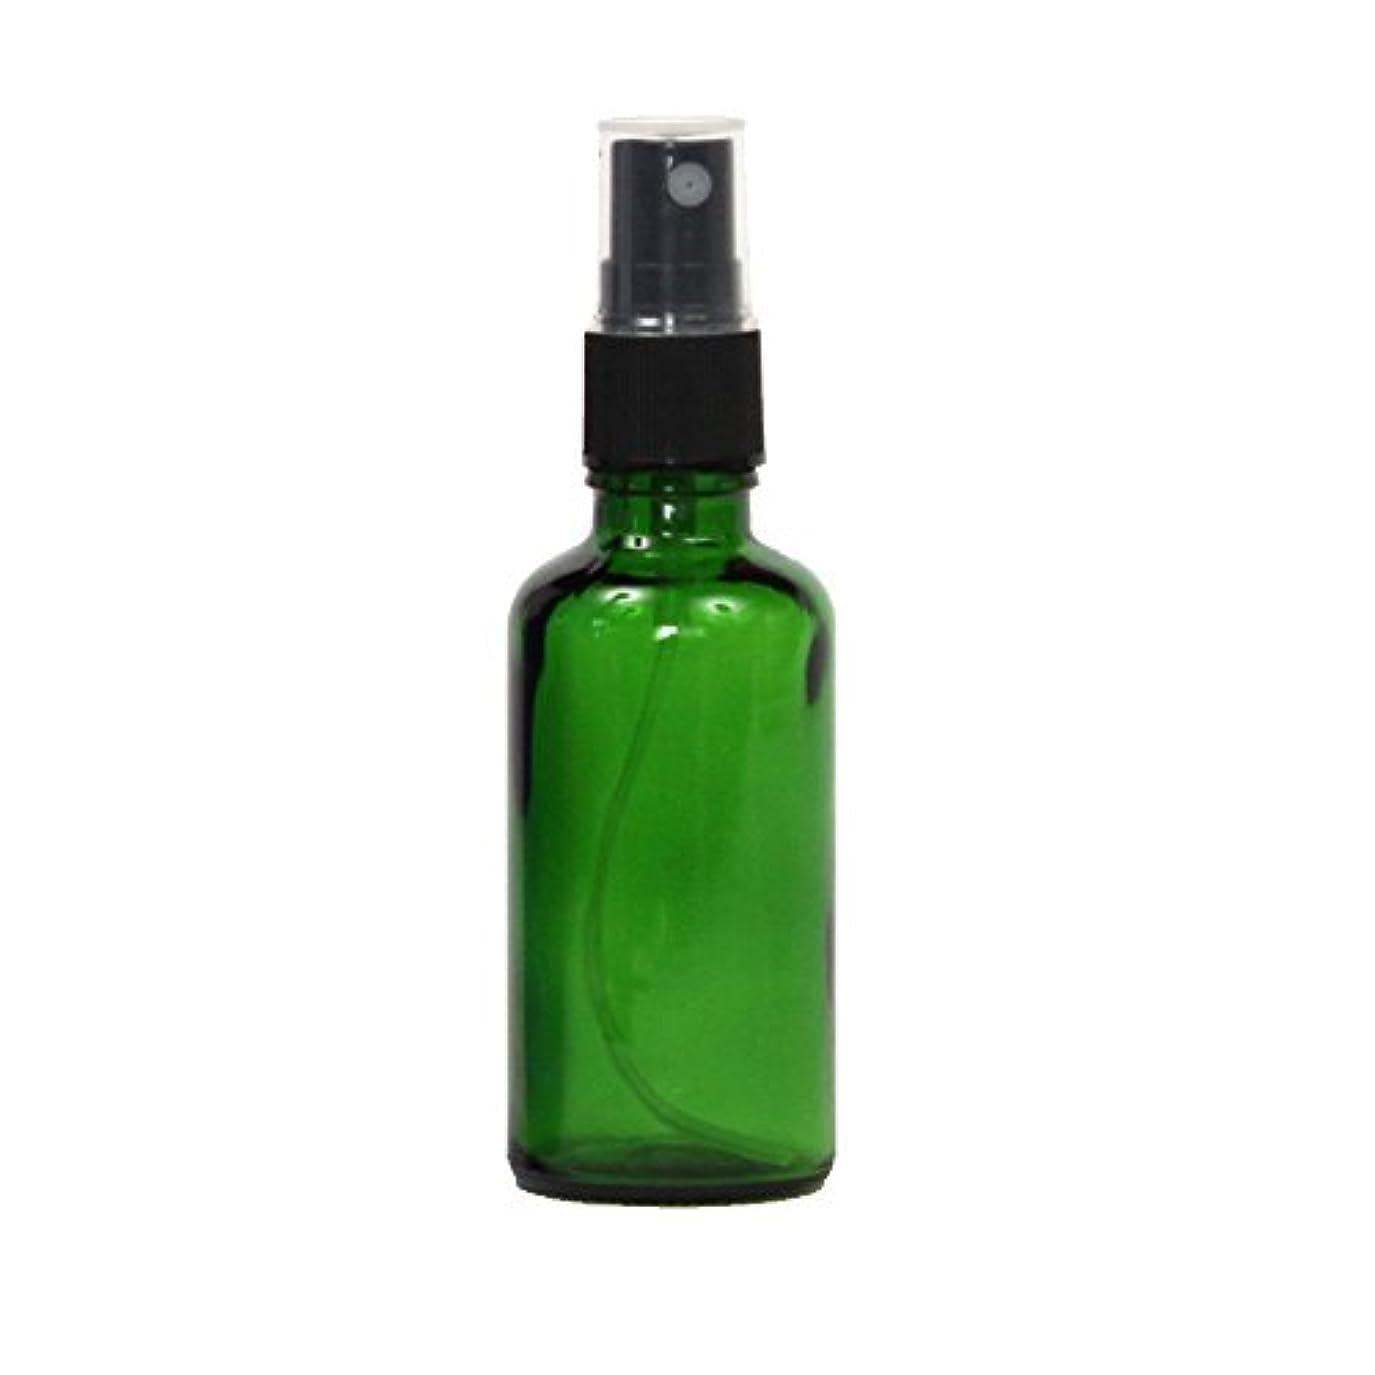 隠されたシャッターサルベージスプレーボトル容器 ガラス瓶 50mL 遮光性グリーン ガラスアトマイザー 空容器gr50g